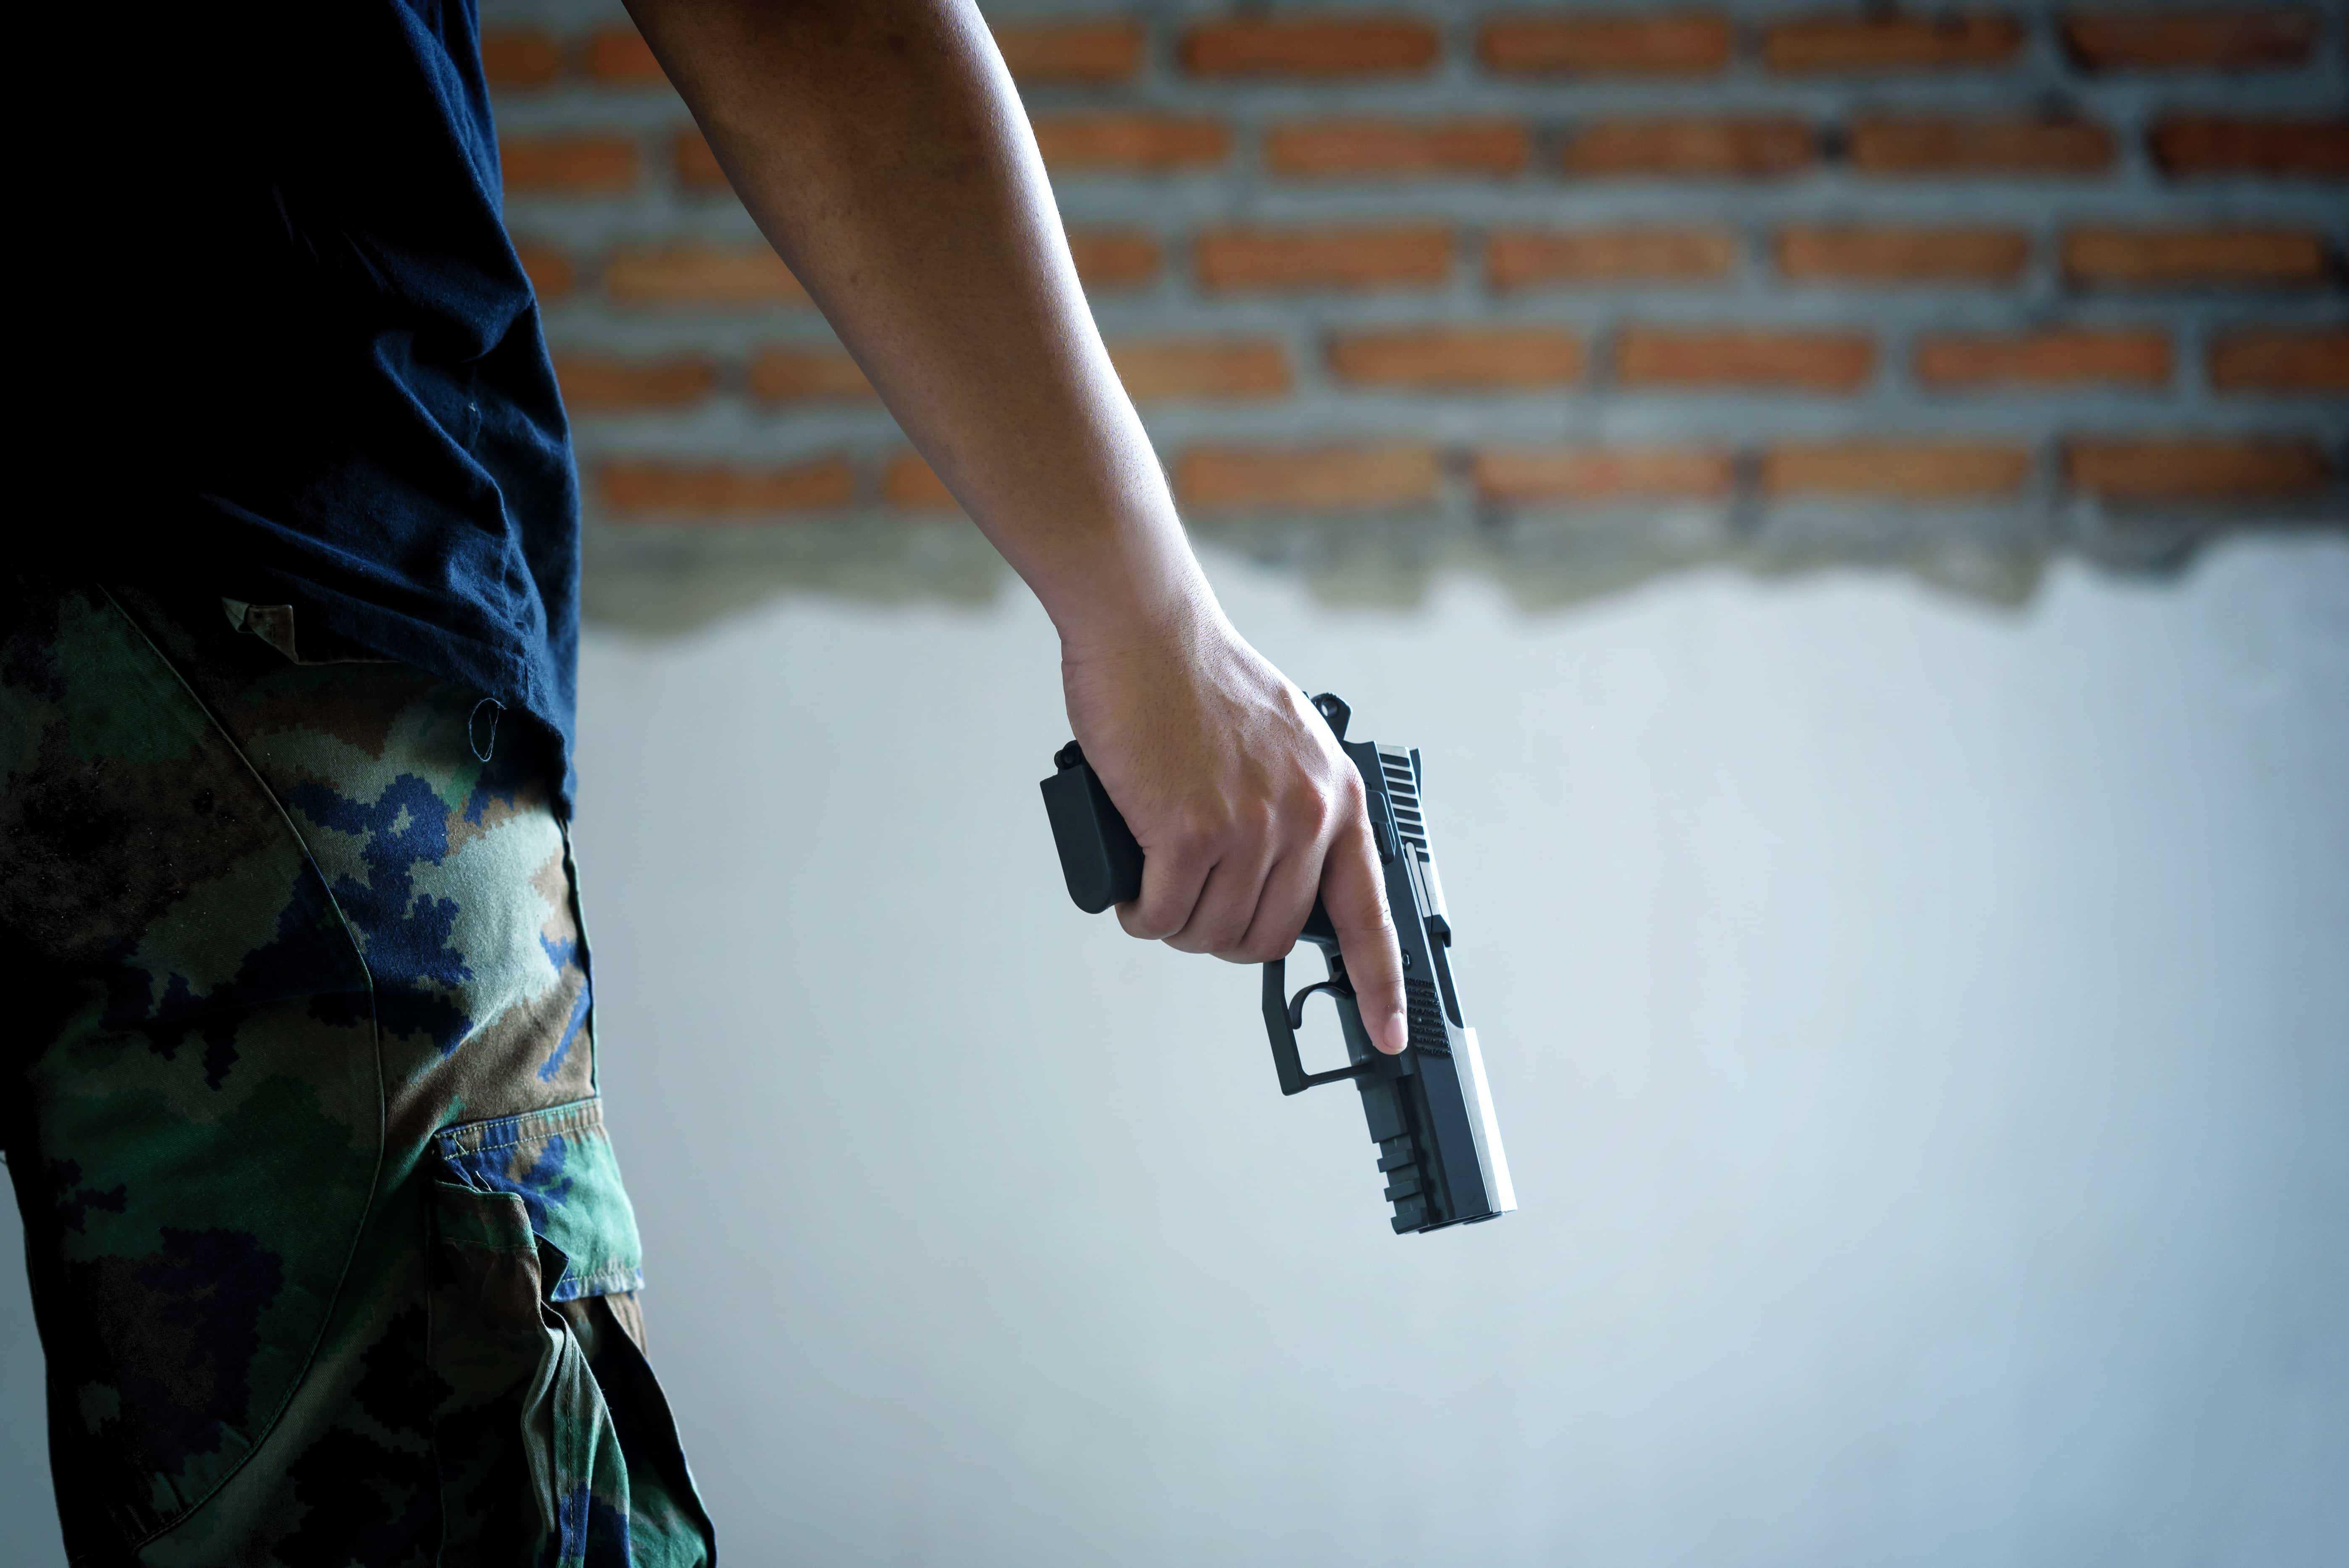 Die Angst vor Waffen ist nicht unbegründet